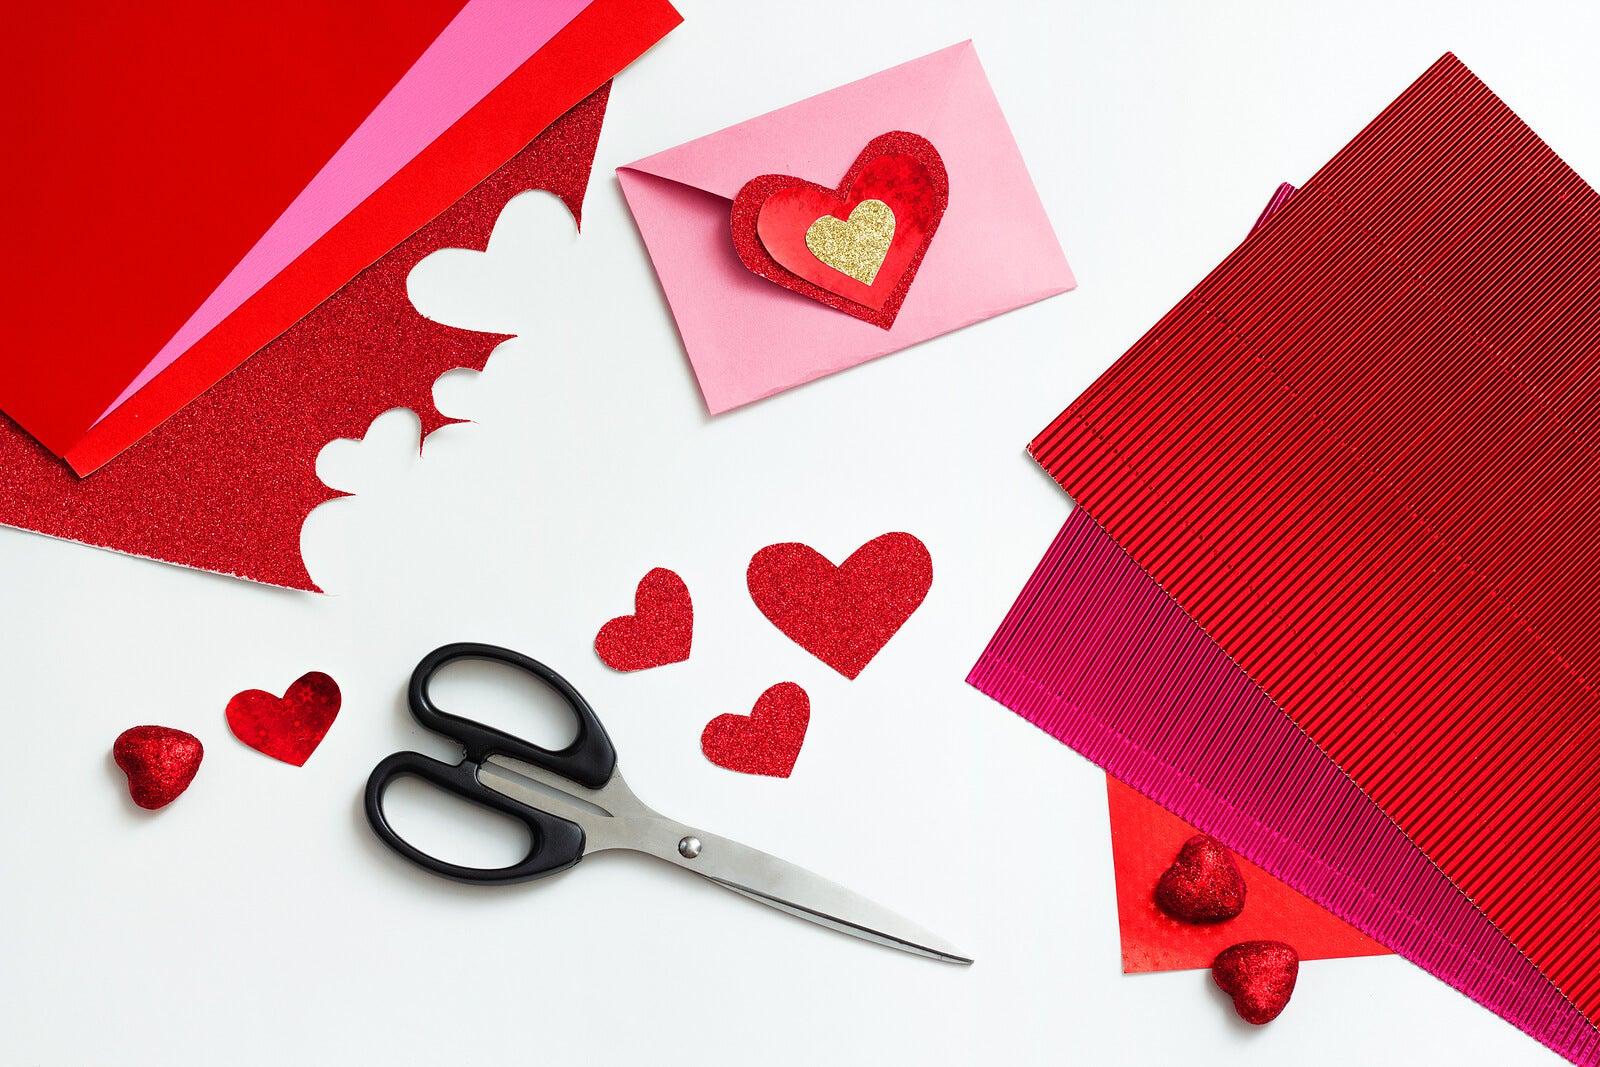 Tarjeta pop-up, una de las manualidades de San Valentín.